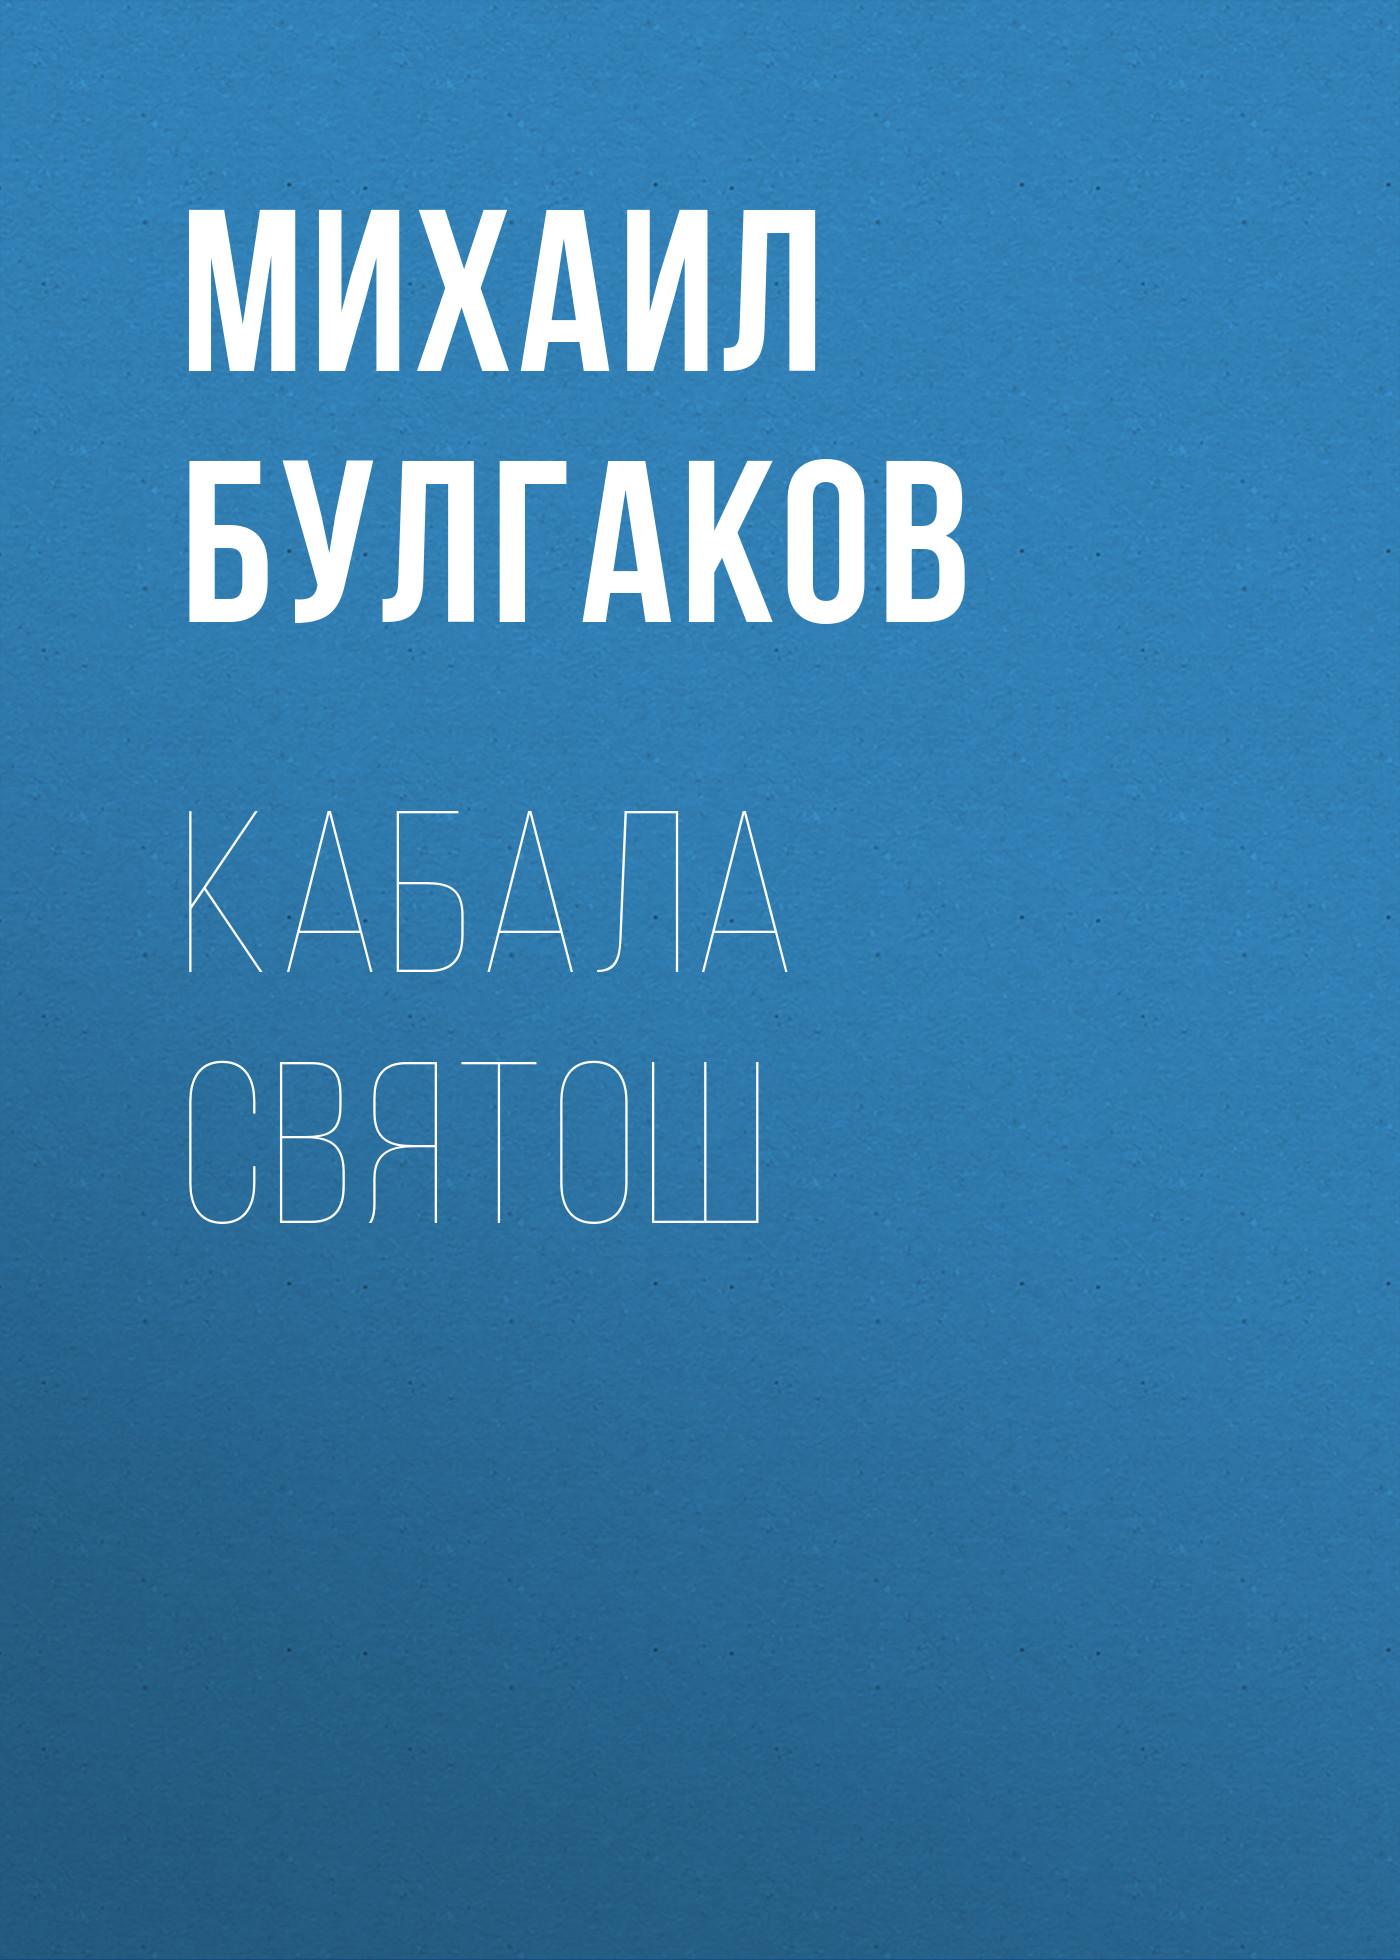 Михаил Булгаков Кабала святош кабала святош 2019 09 17t19 00